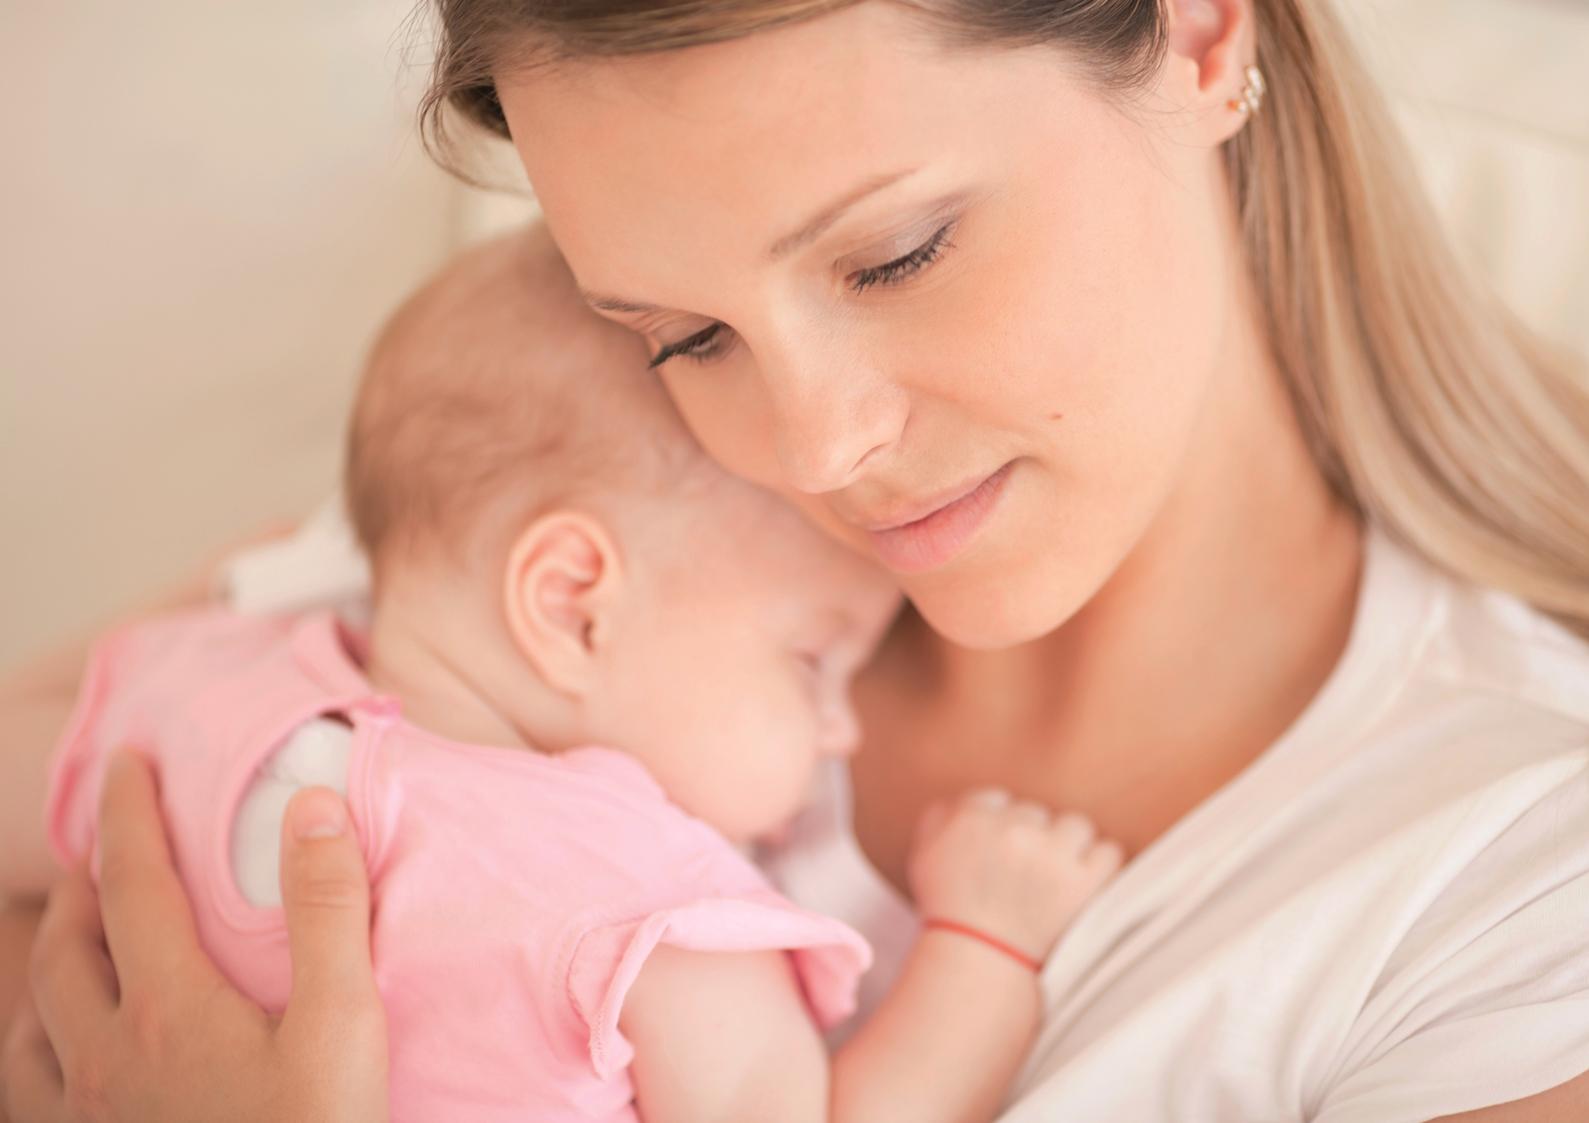 Mutter mit Baby - kleiner